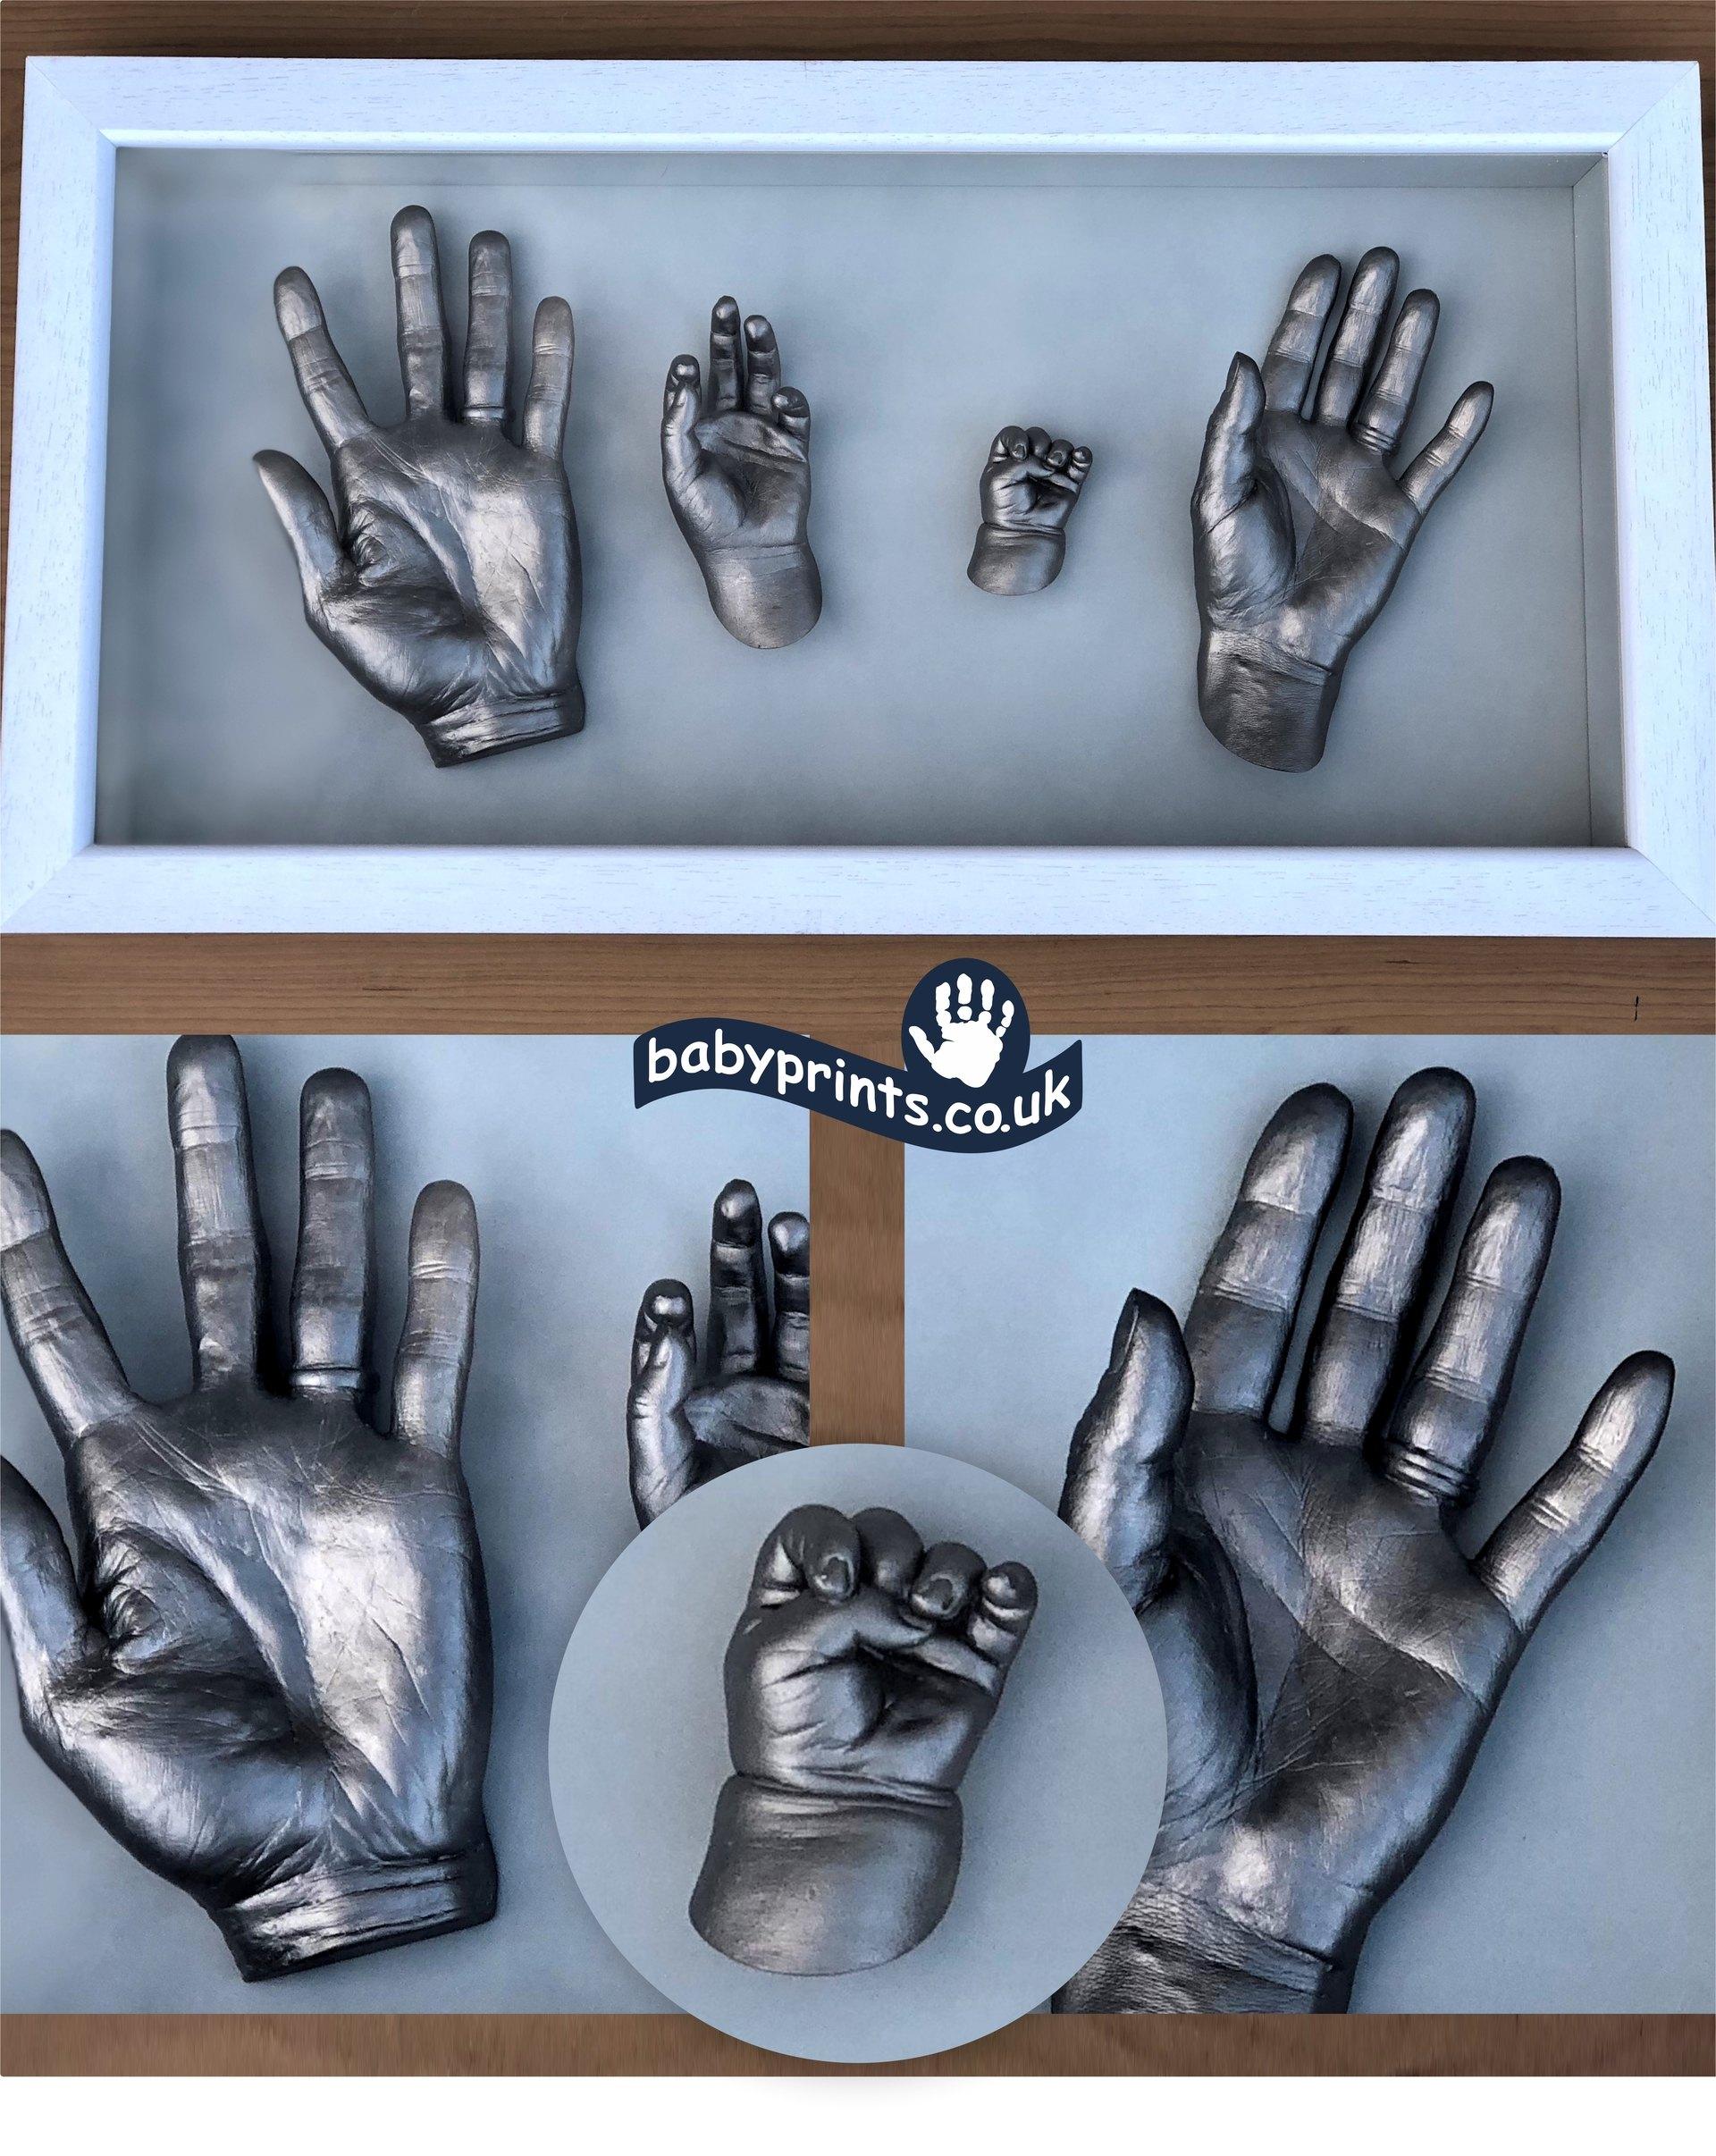 Bespoke family handcasting